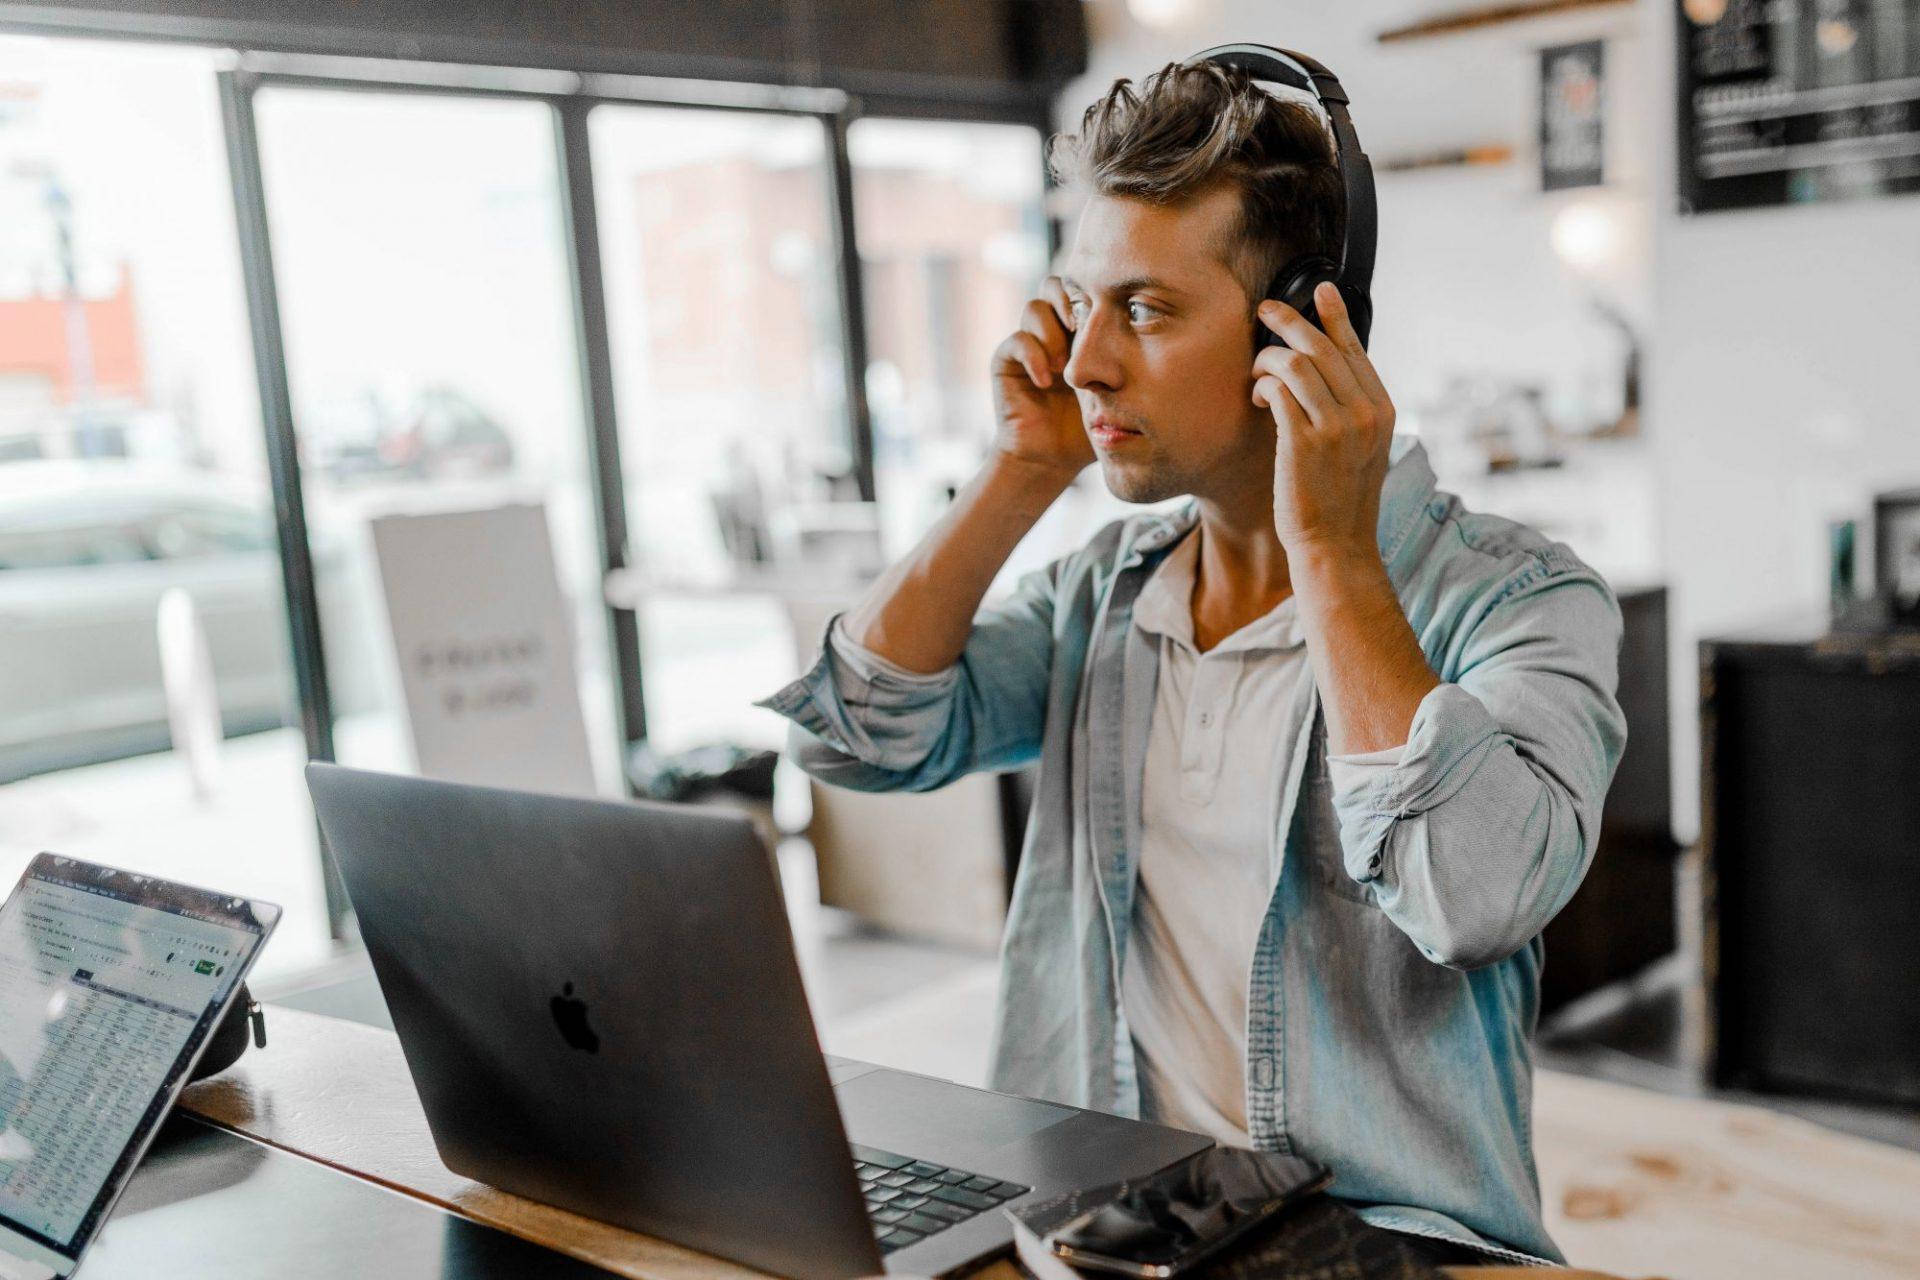 Các chương trình tiếng Anh trực tuyến là lựa chọn cho mọi đối tượng, đặc biệt với người đi làm hay những cá nhân không có nhiều thời gian học tập